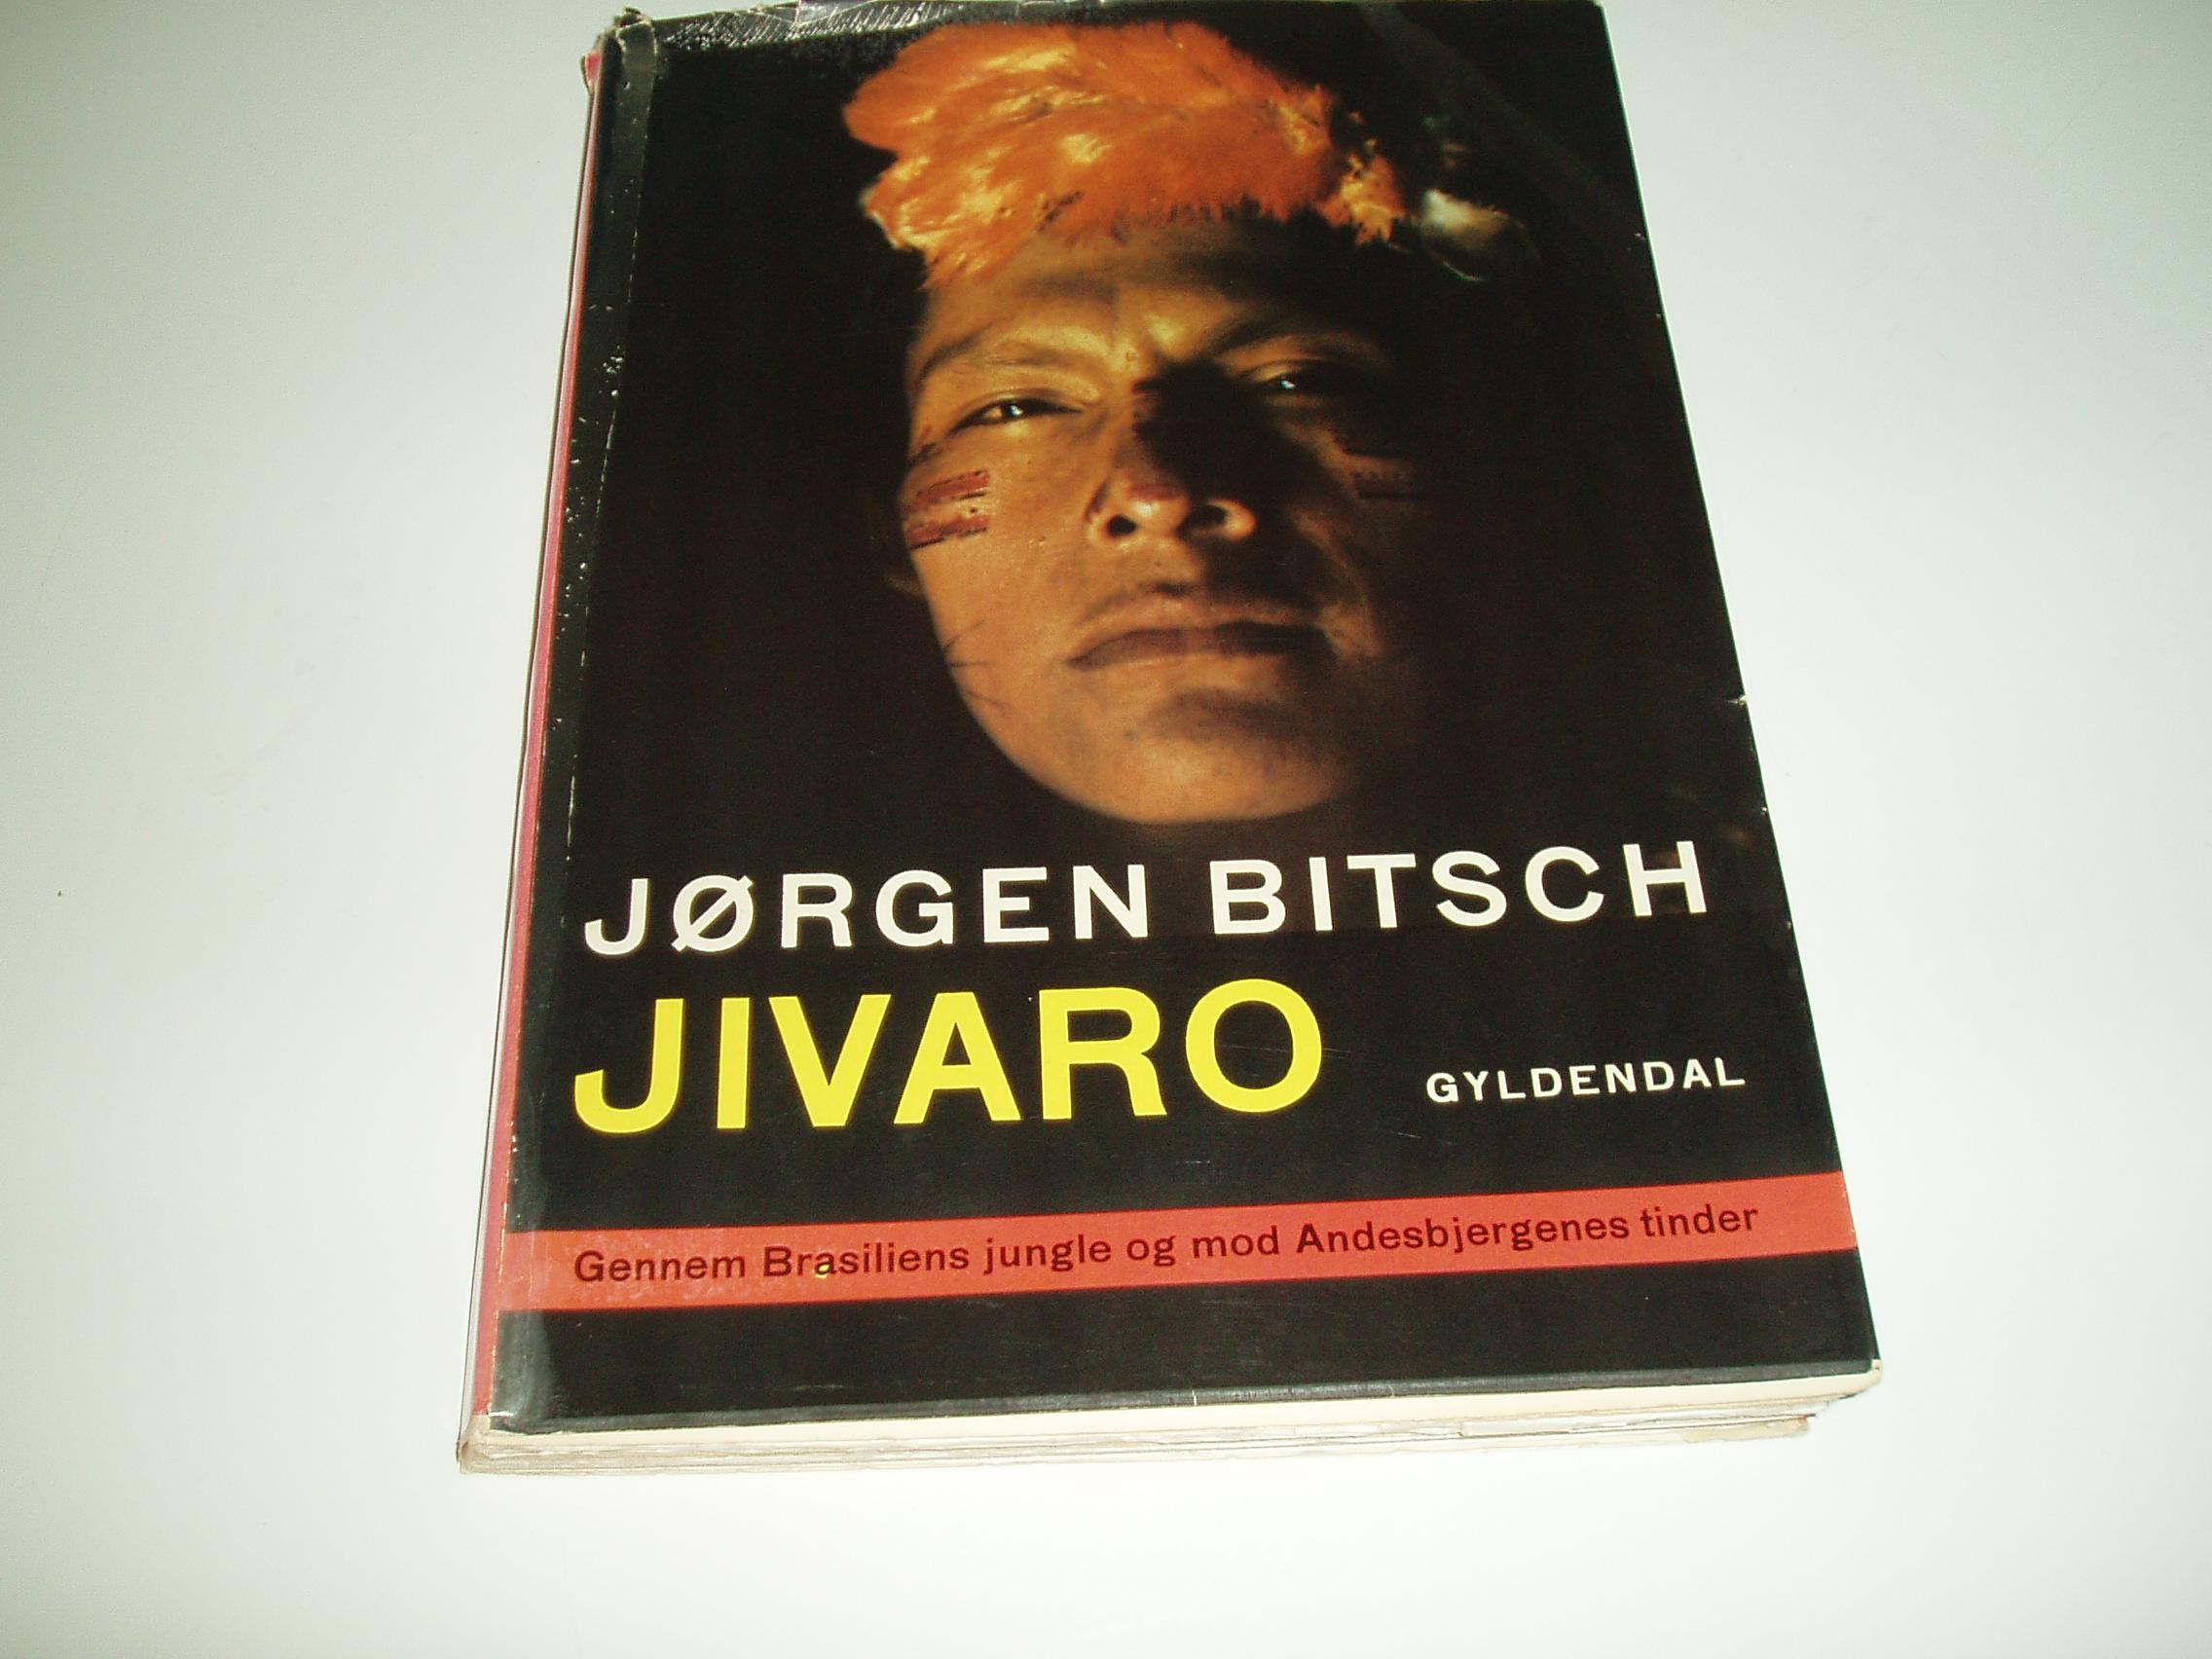 Jivaro. Gennem Brasiliens jungle og mod Andesbjergenes tinder